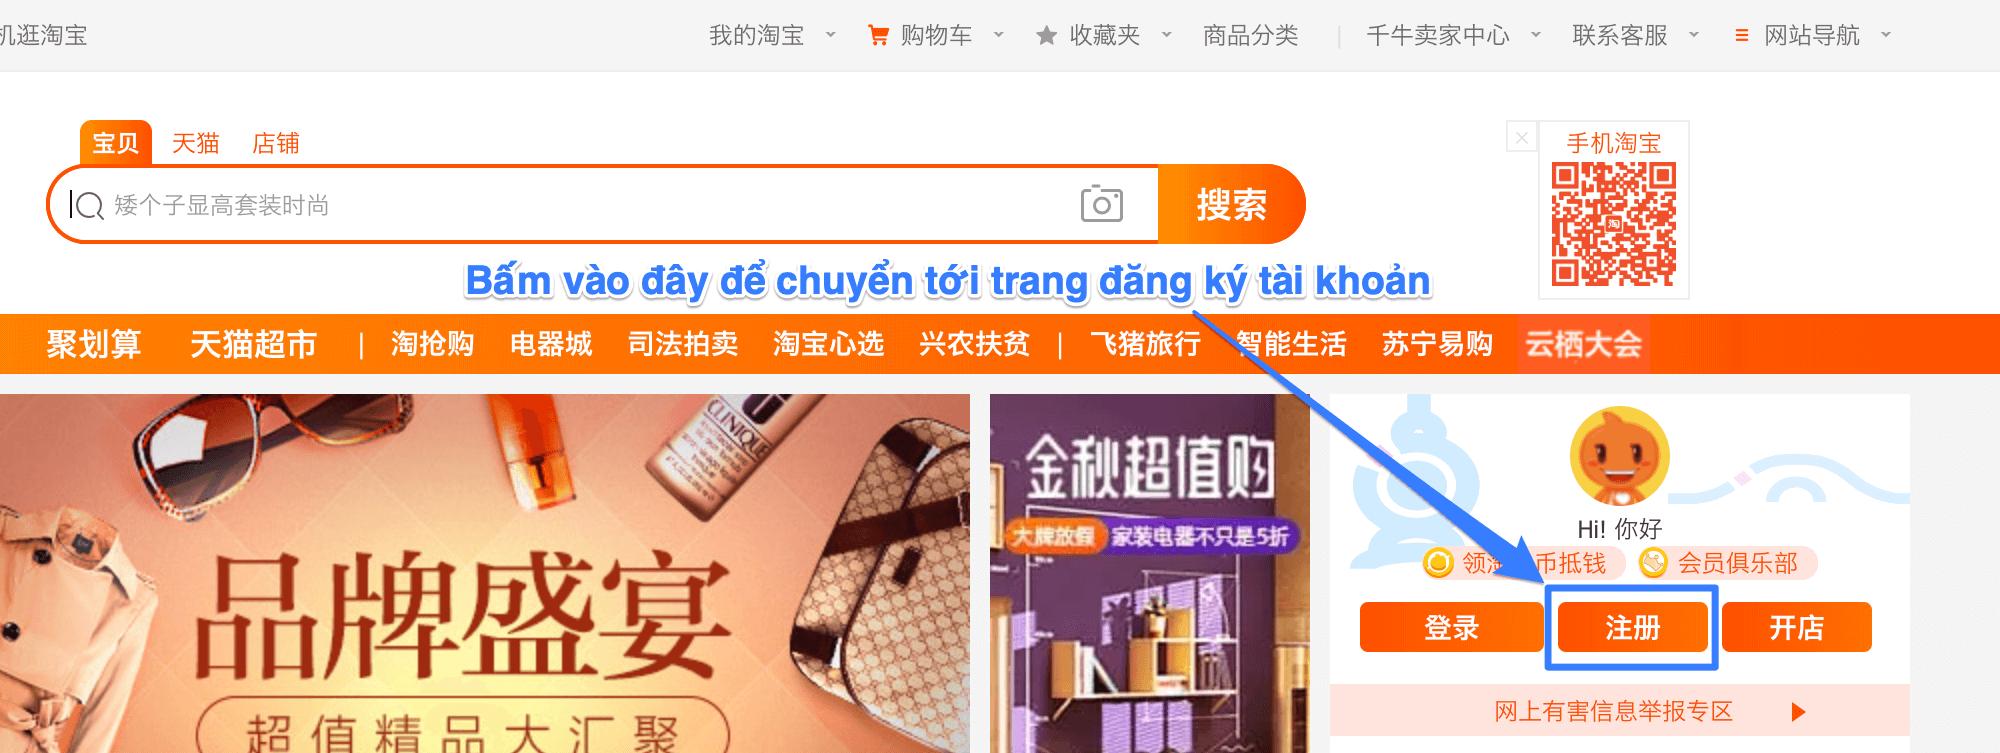 Vị trí đường link đến trang đăng ký tài khoản tại Taobao